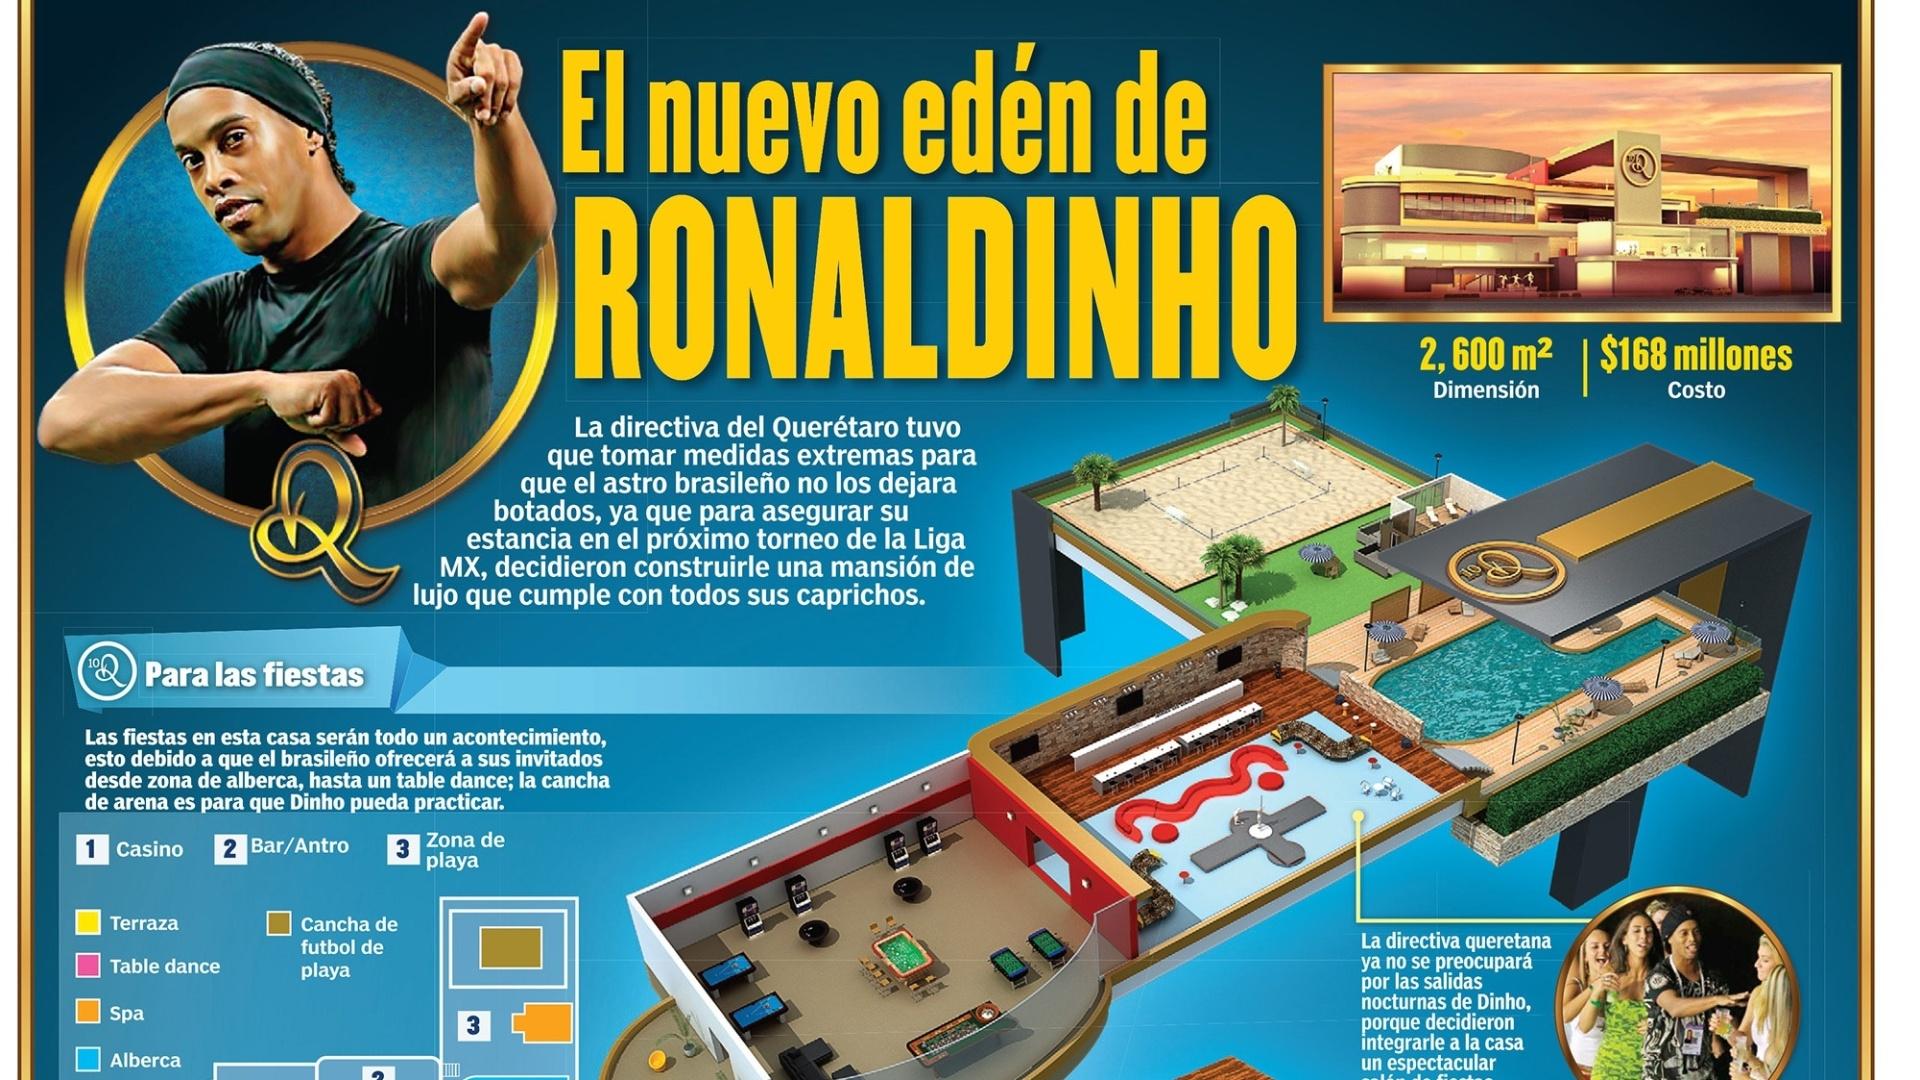 Imagem da falsa mansão que o Querétaro teria construído para Ronaldinho Gaúcho no México, divulgada pelo jornal Récord